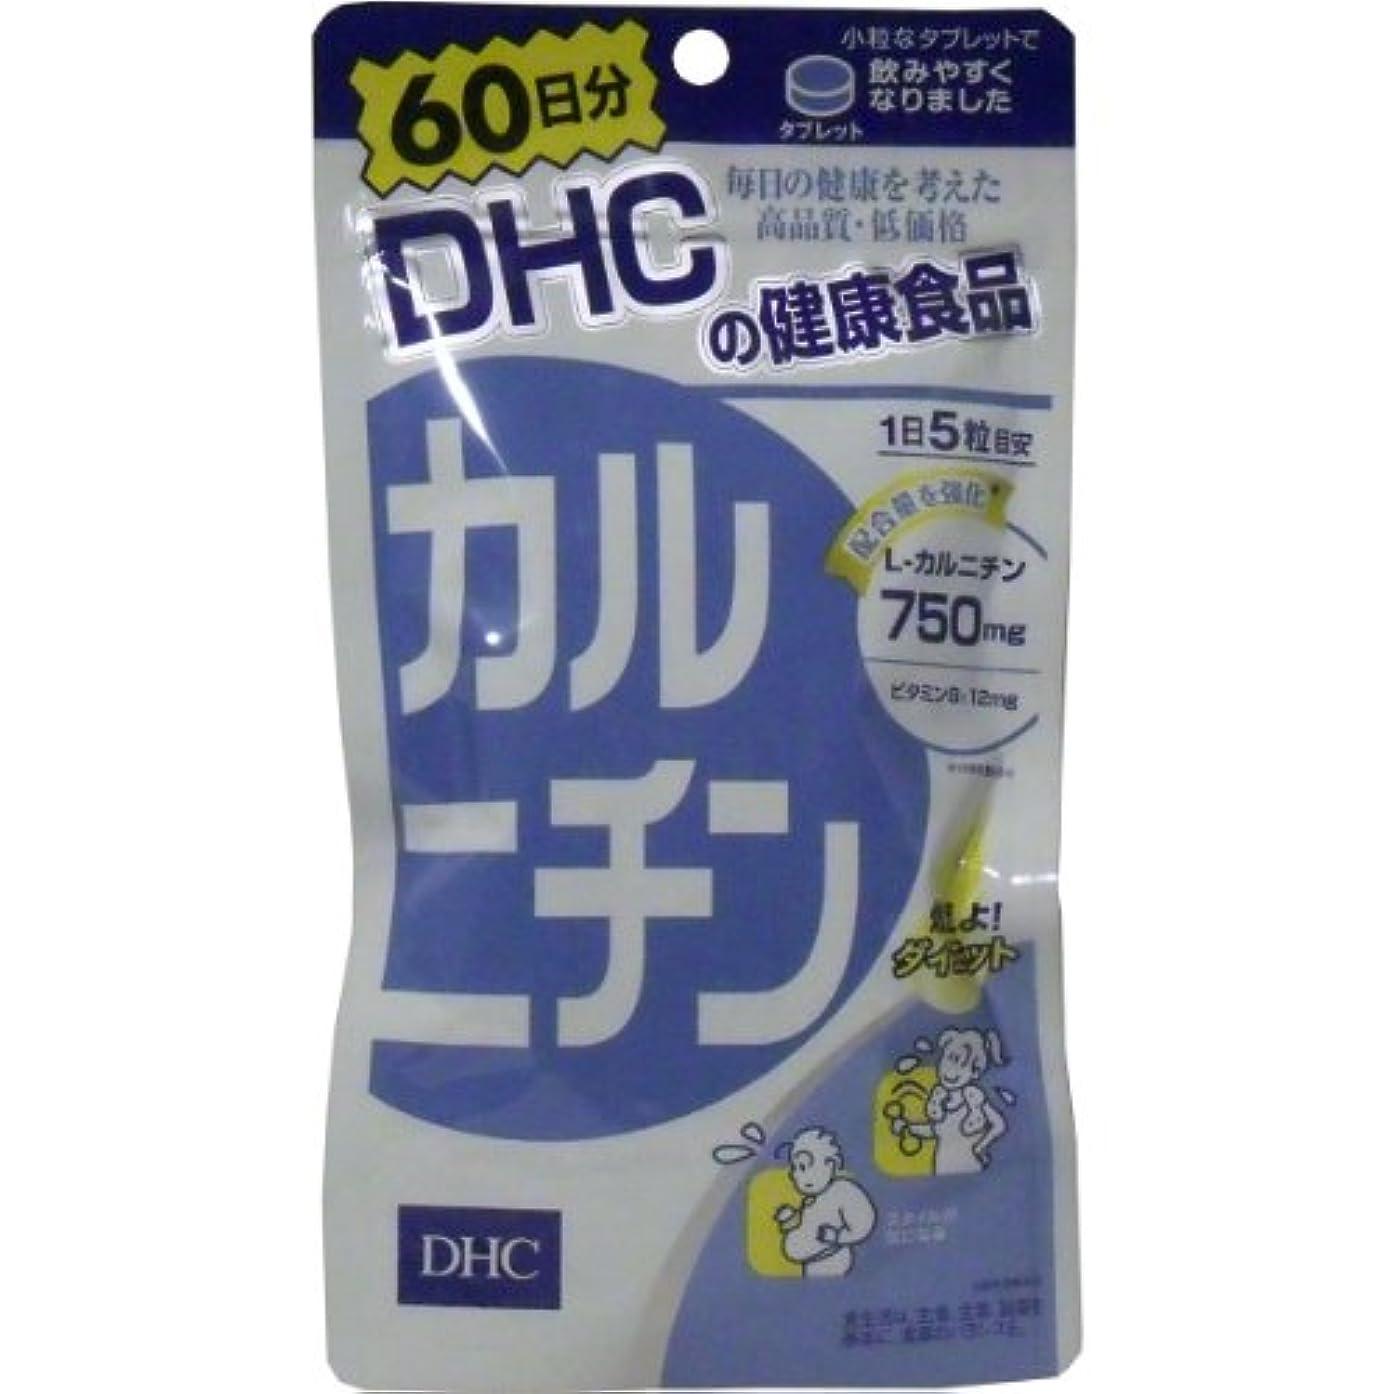 露骨な怒る意気揚々DHC カルニチン 300粒 60日分 ×6個セット